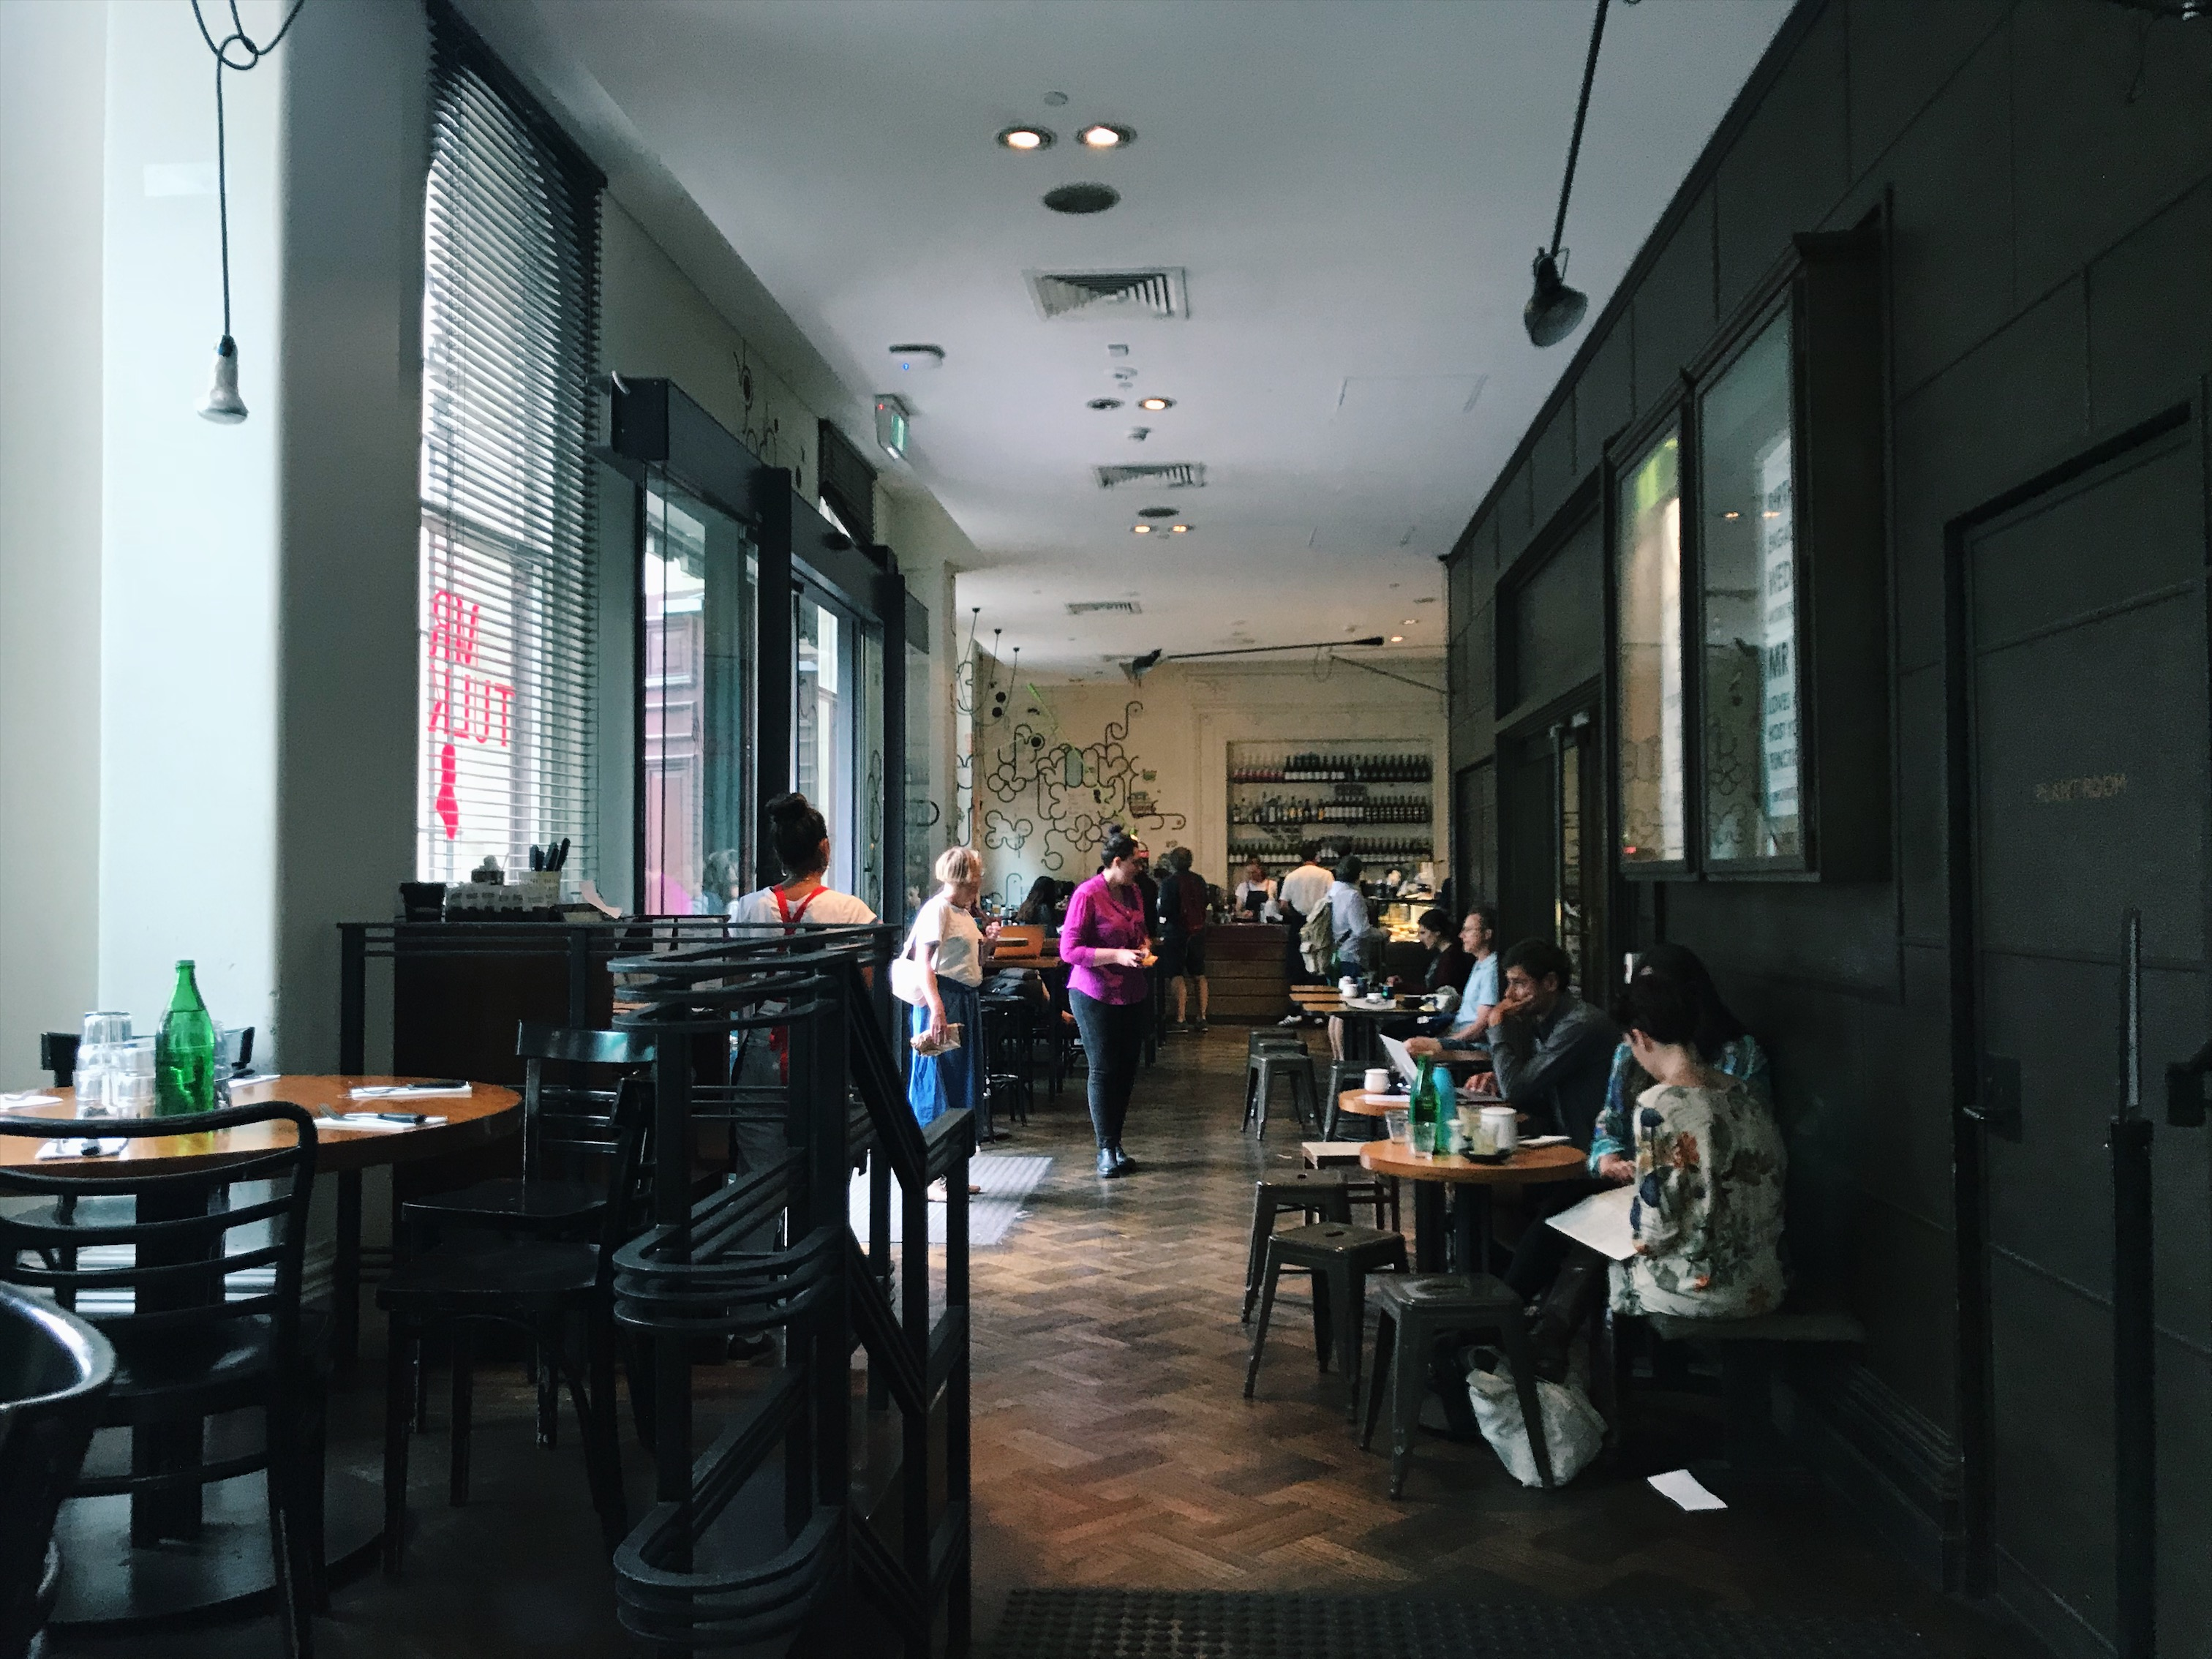 melbourne mr tulk cafe review